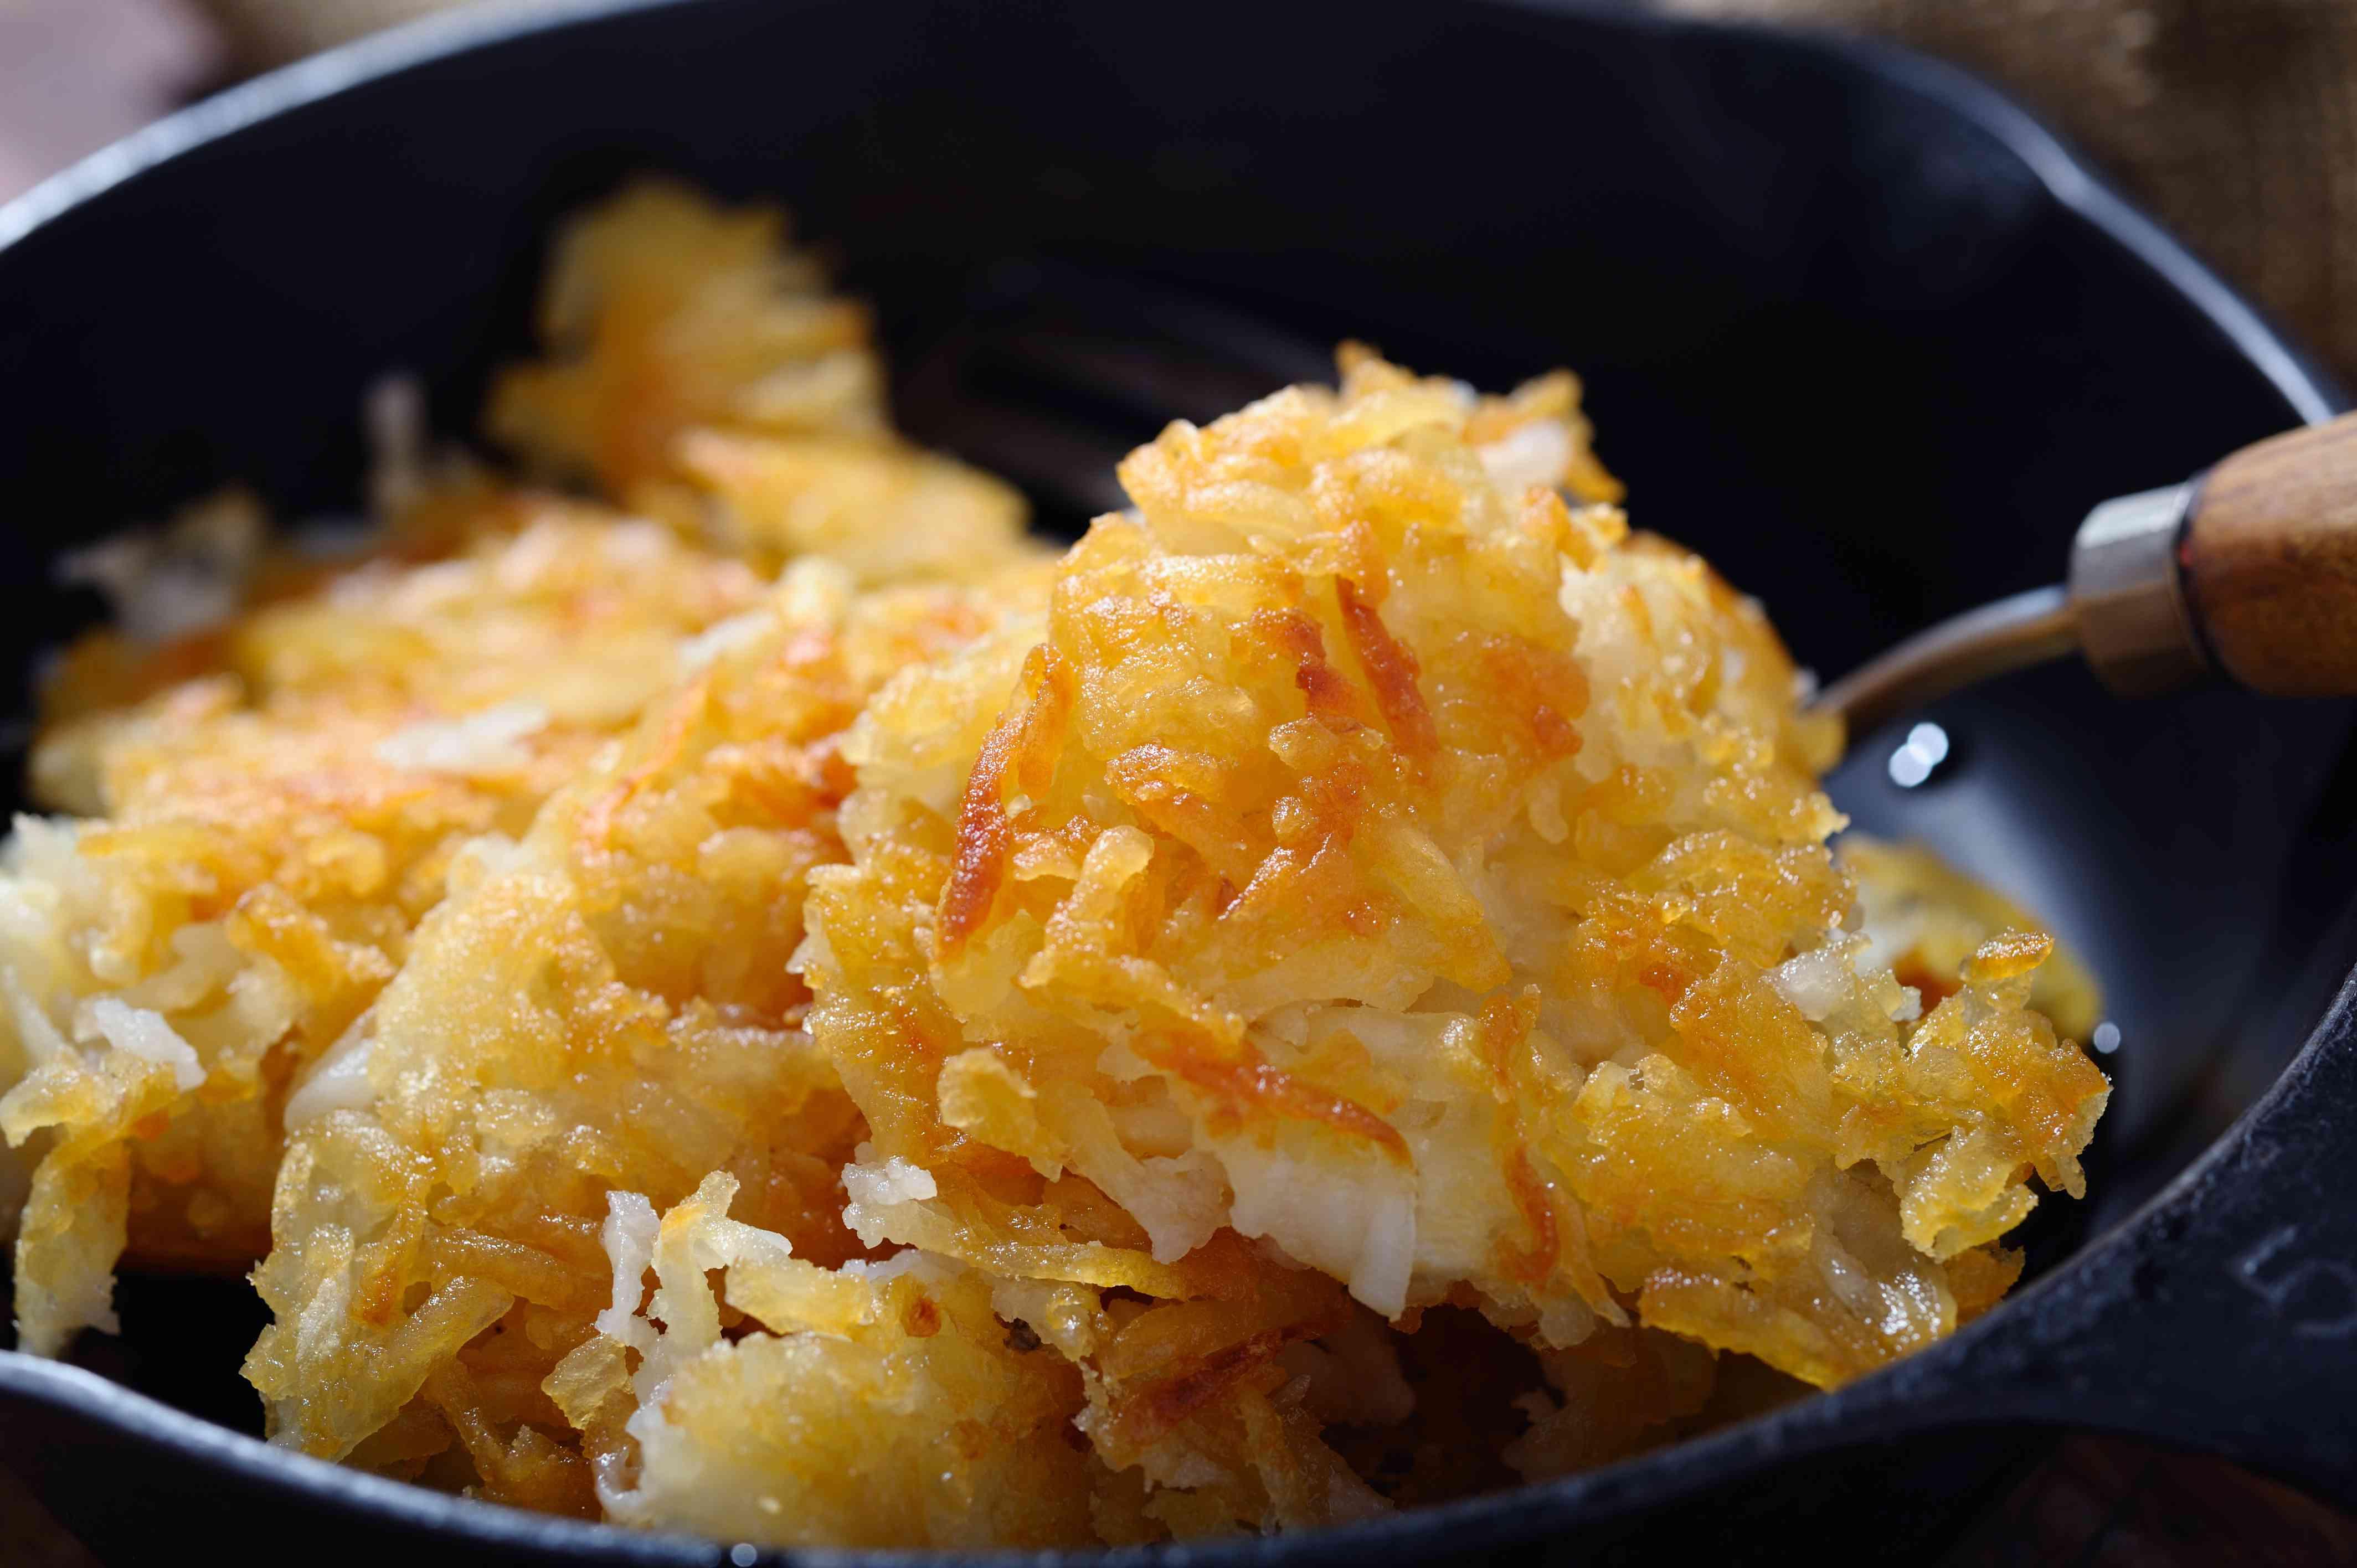 Golden hash browns in black frying pan